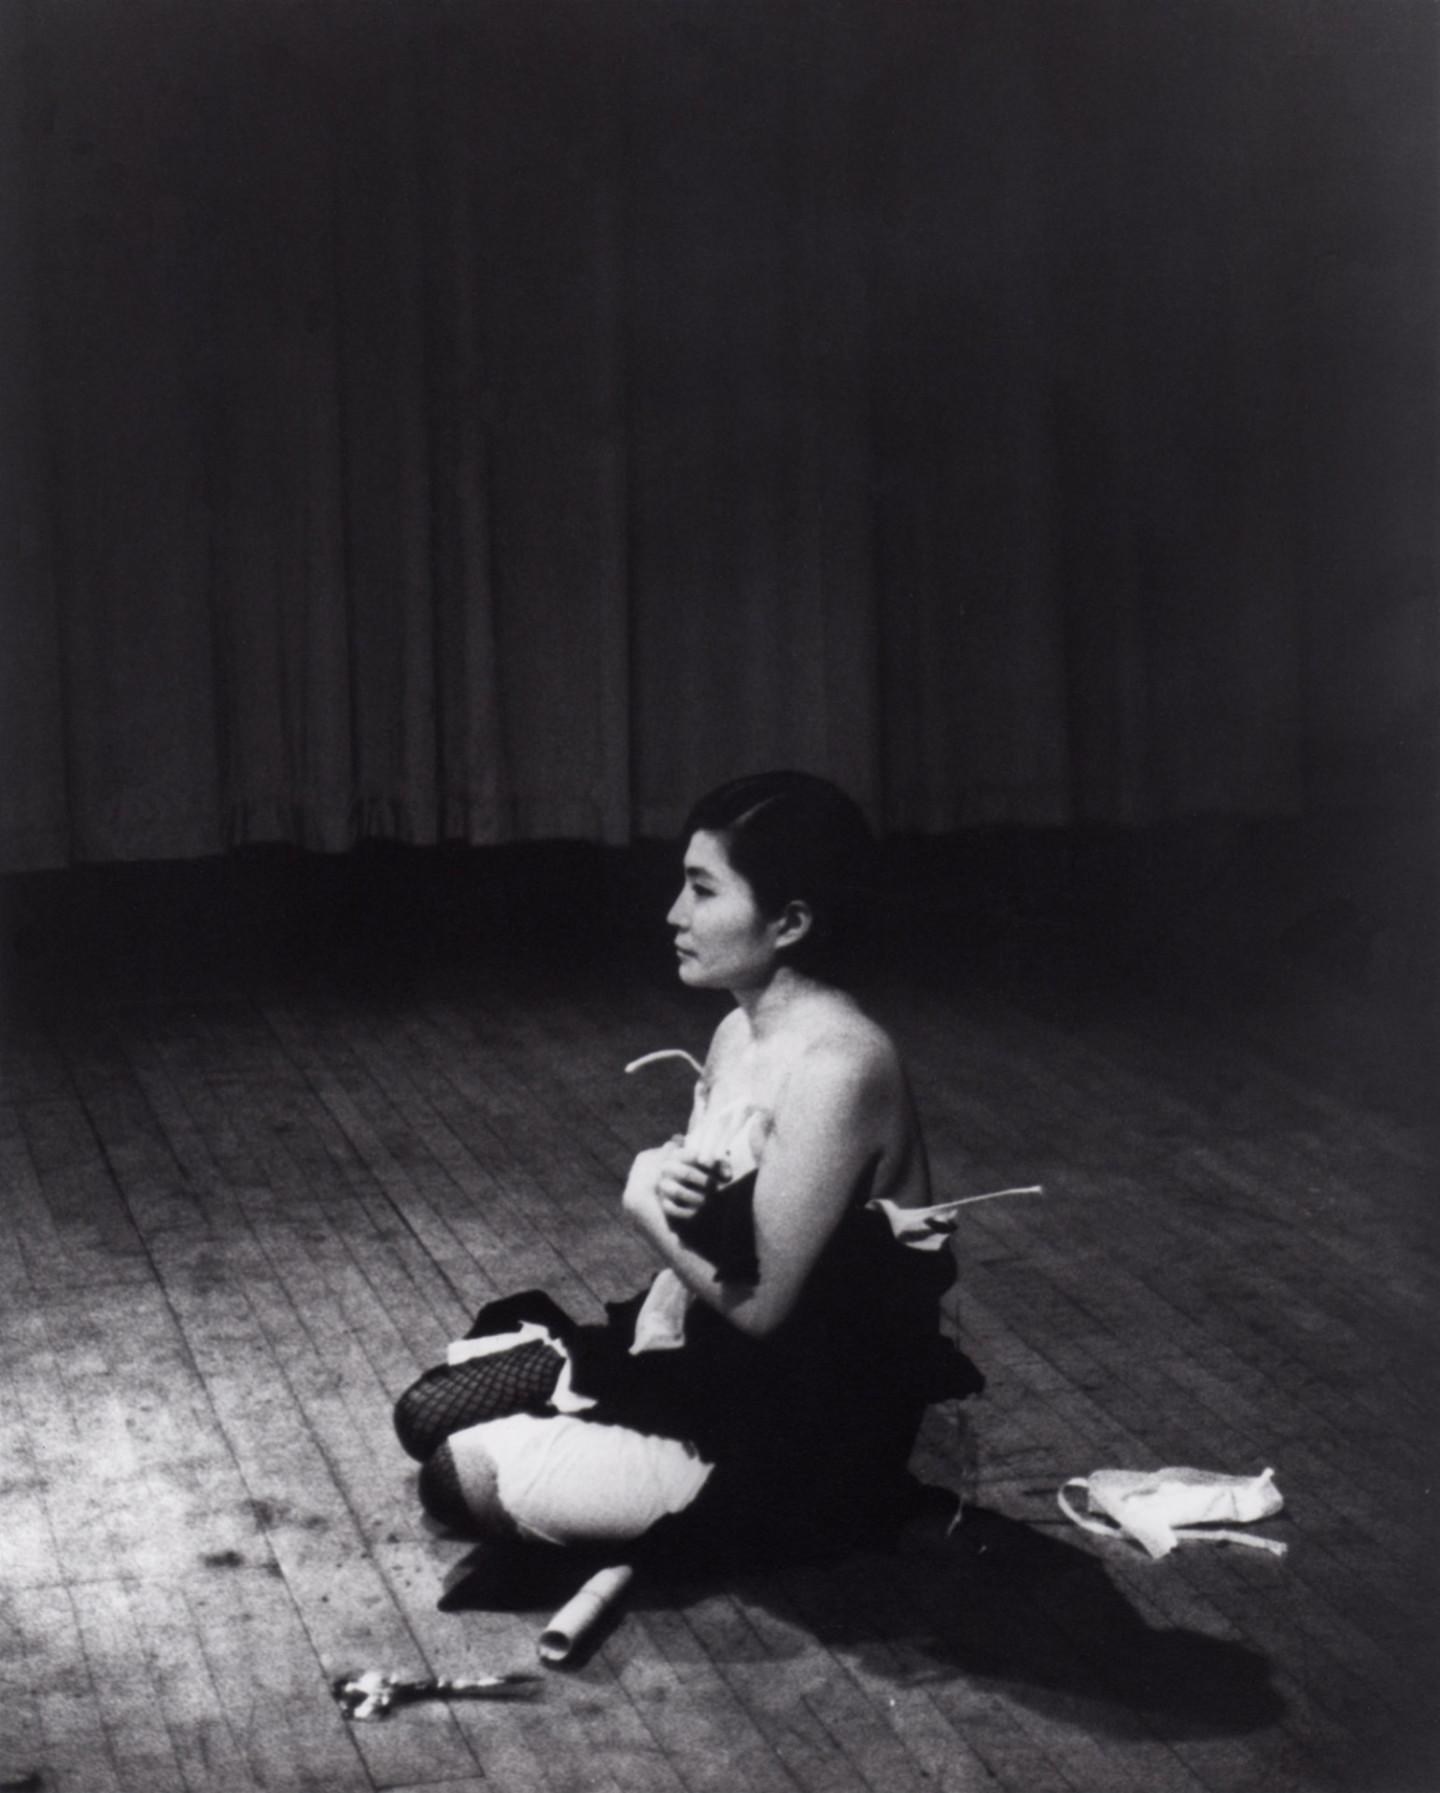 """Перформанс Йоко Оно """"Отрежь"""", 1964, концертный зал Carnegie Recital Hall, Нью-Йорк. 25 марта, 1965"""